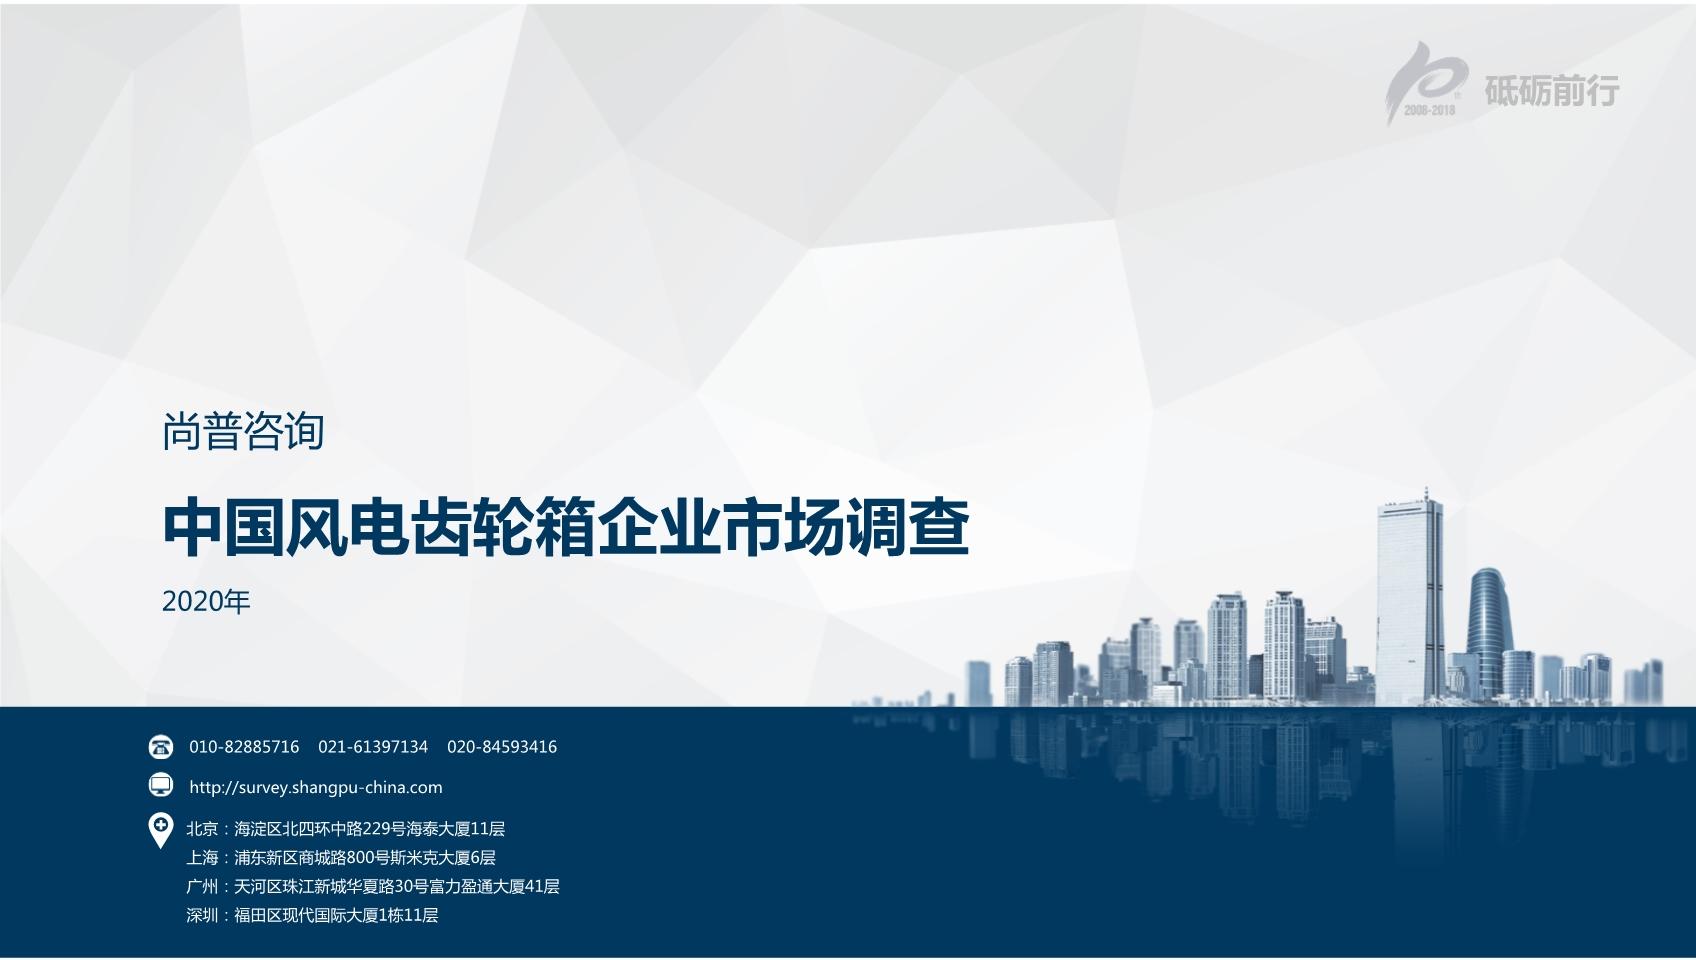 尚普咨询:2020年中国风电齿轮箱企业市场调查